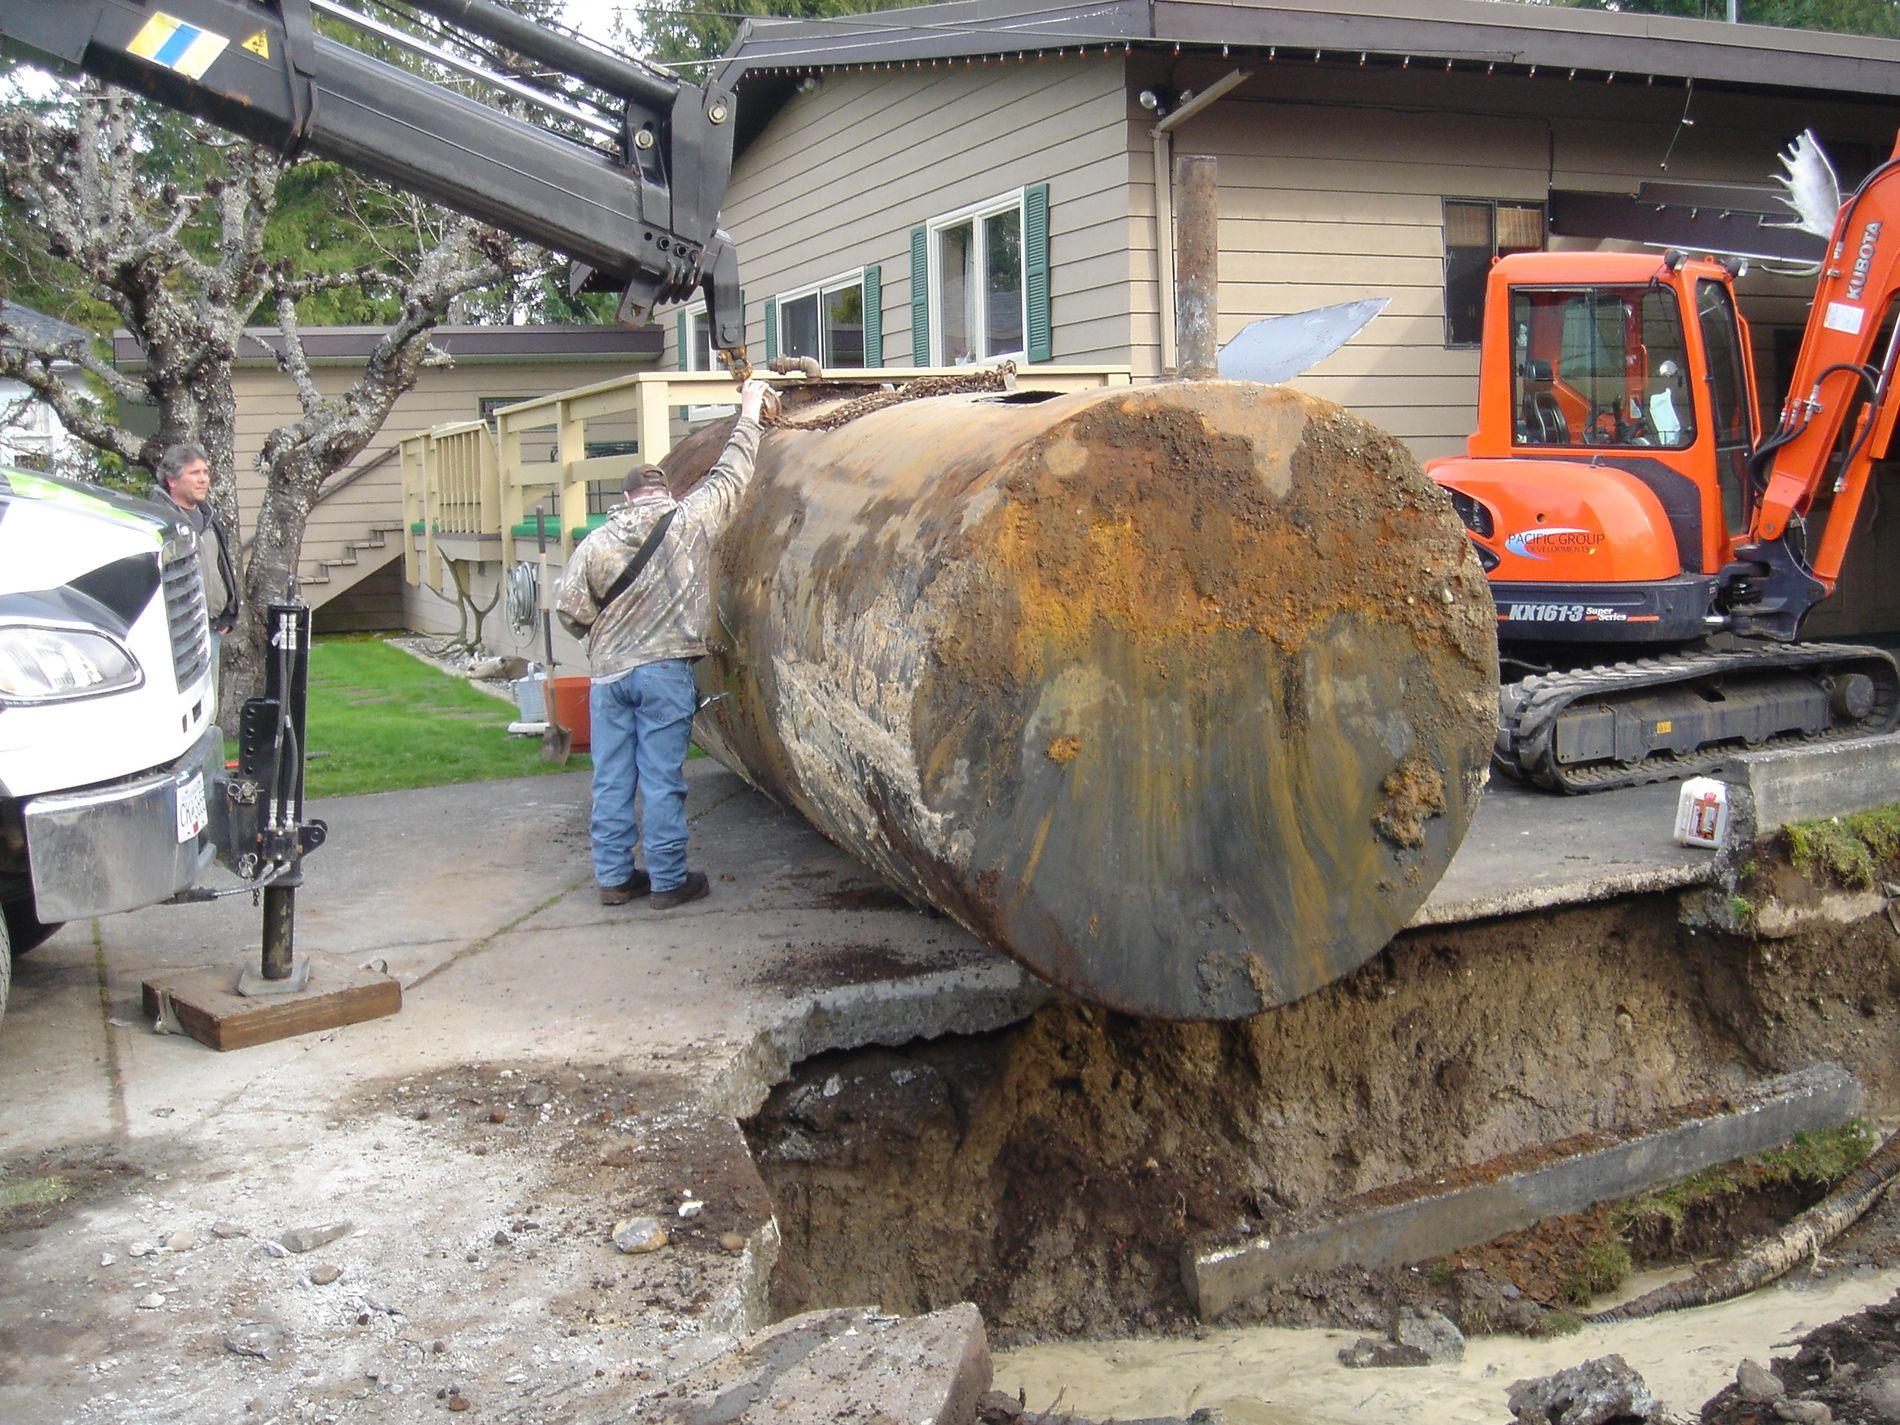 NEI TAKK: Svært mange kvier seg for å fjerne oljetanken, rett og slett fordi det må så omfattende gravearbeid til. Det kan du slippe med Nortank sin gravefrie løsning.